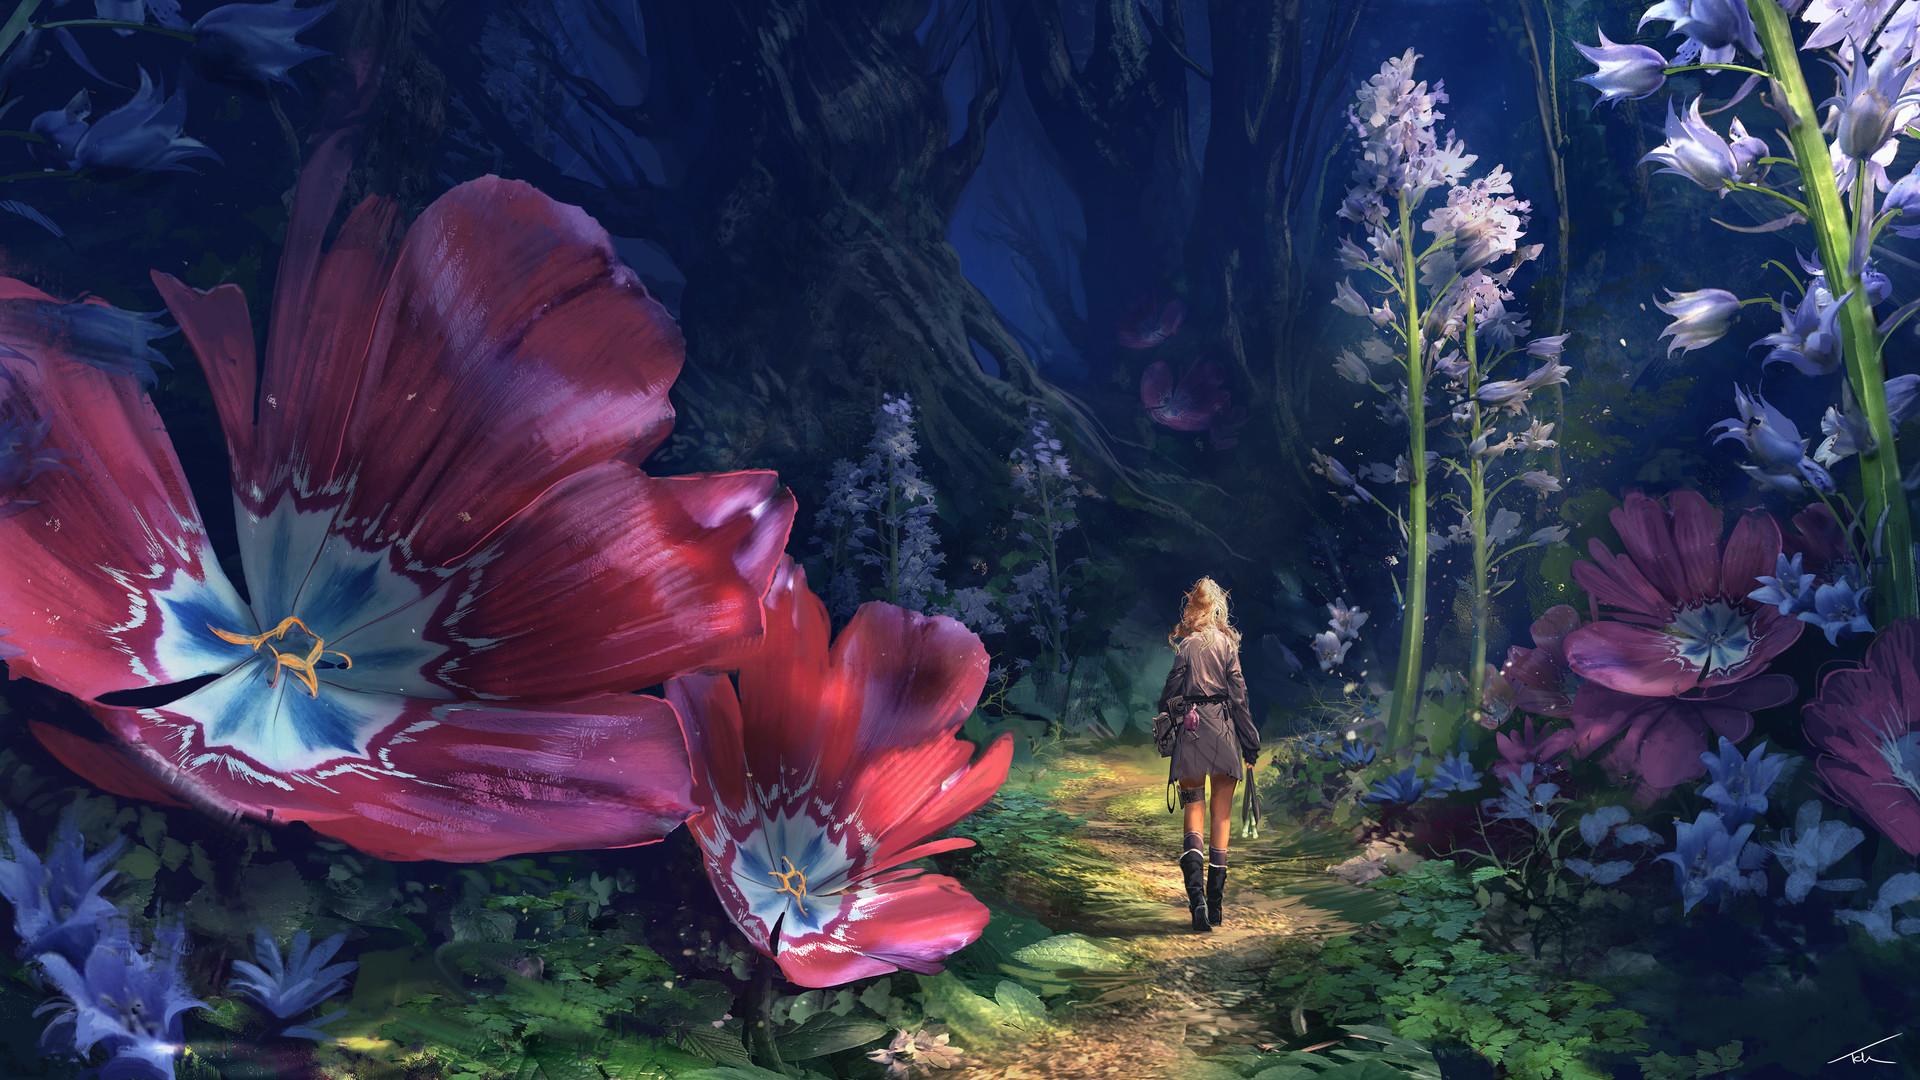 国外游戏工作室美术师精彩概念画欣赏 性感妹子爱养魔宠